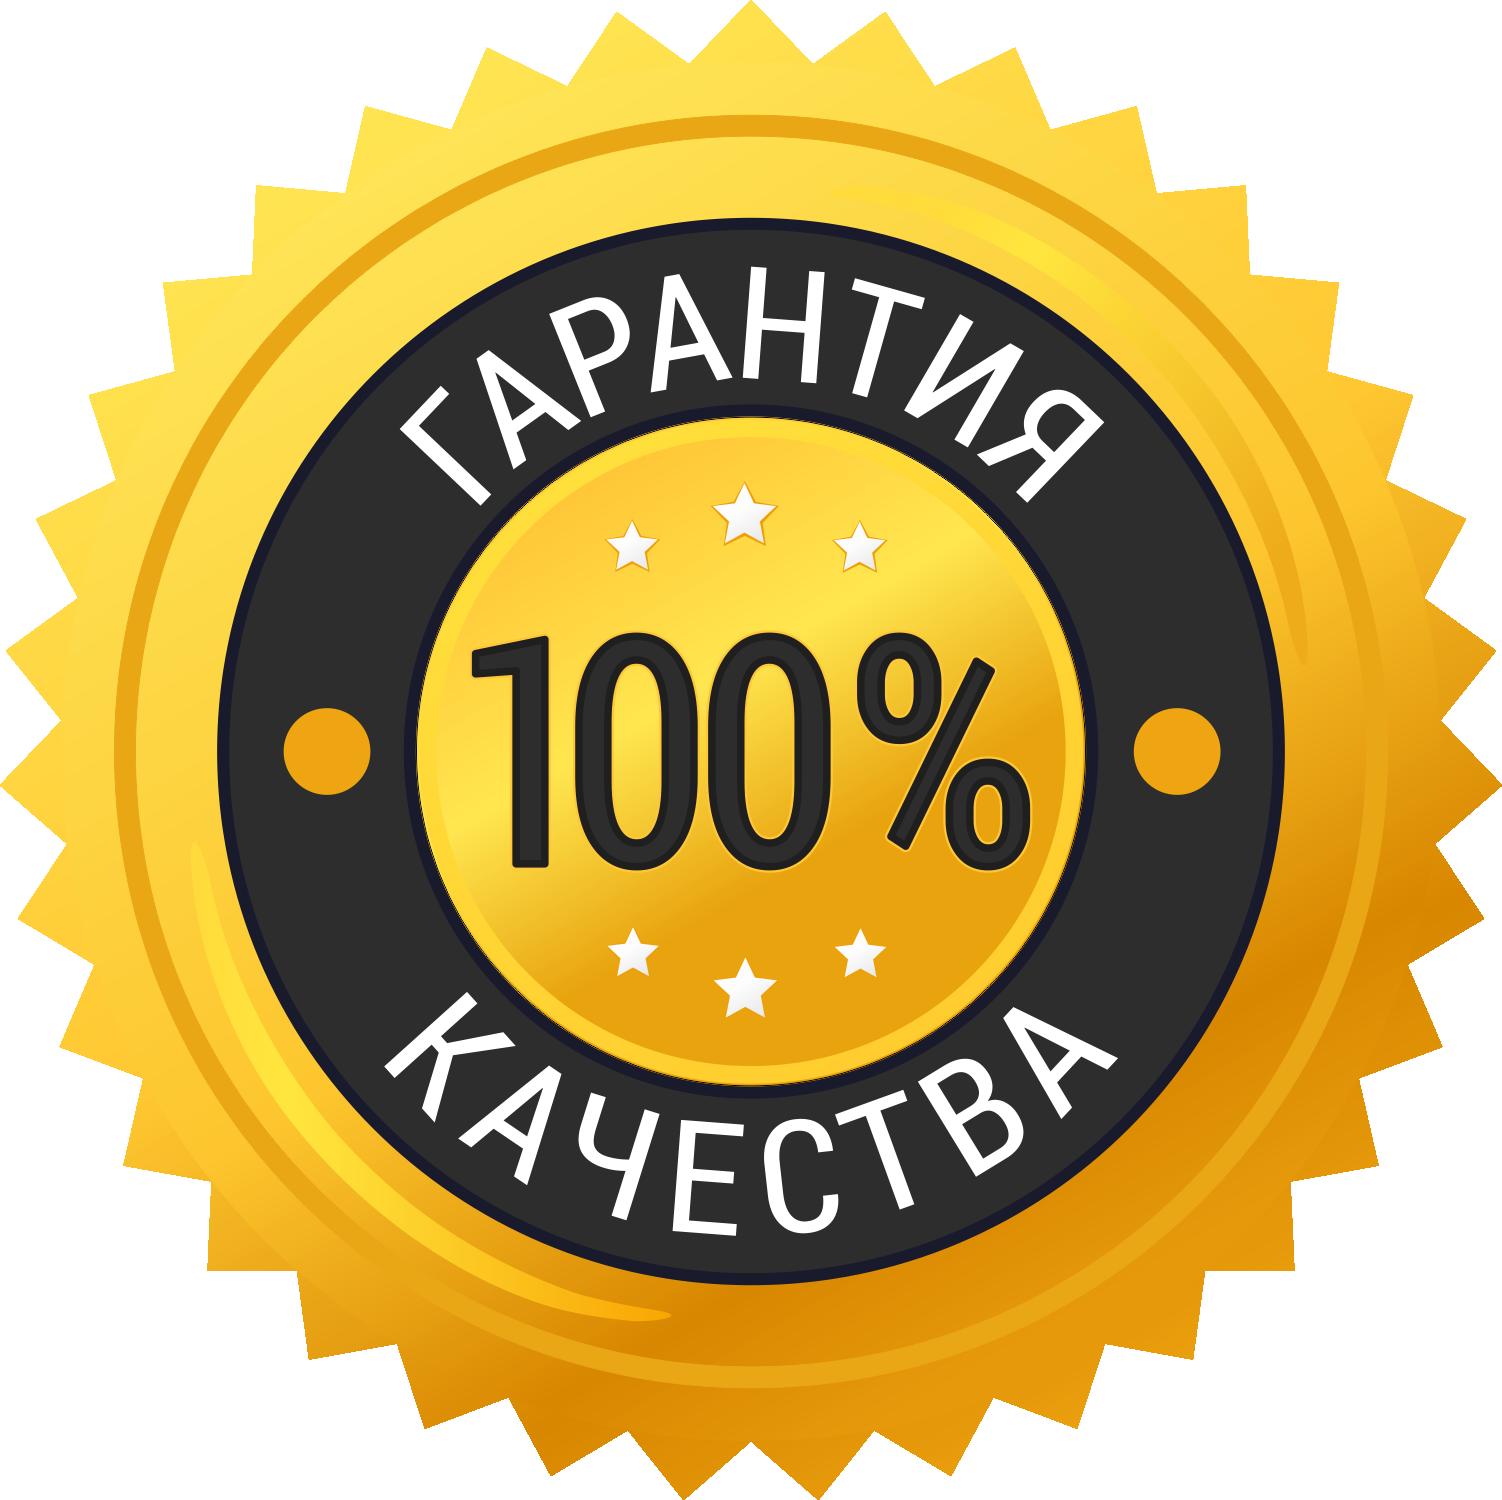 100% качество тележек